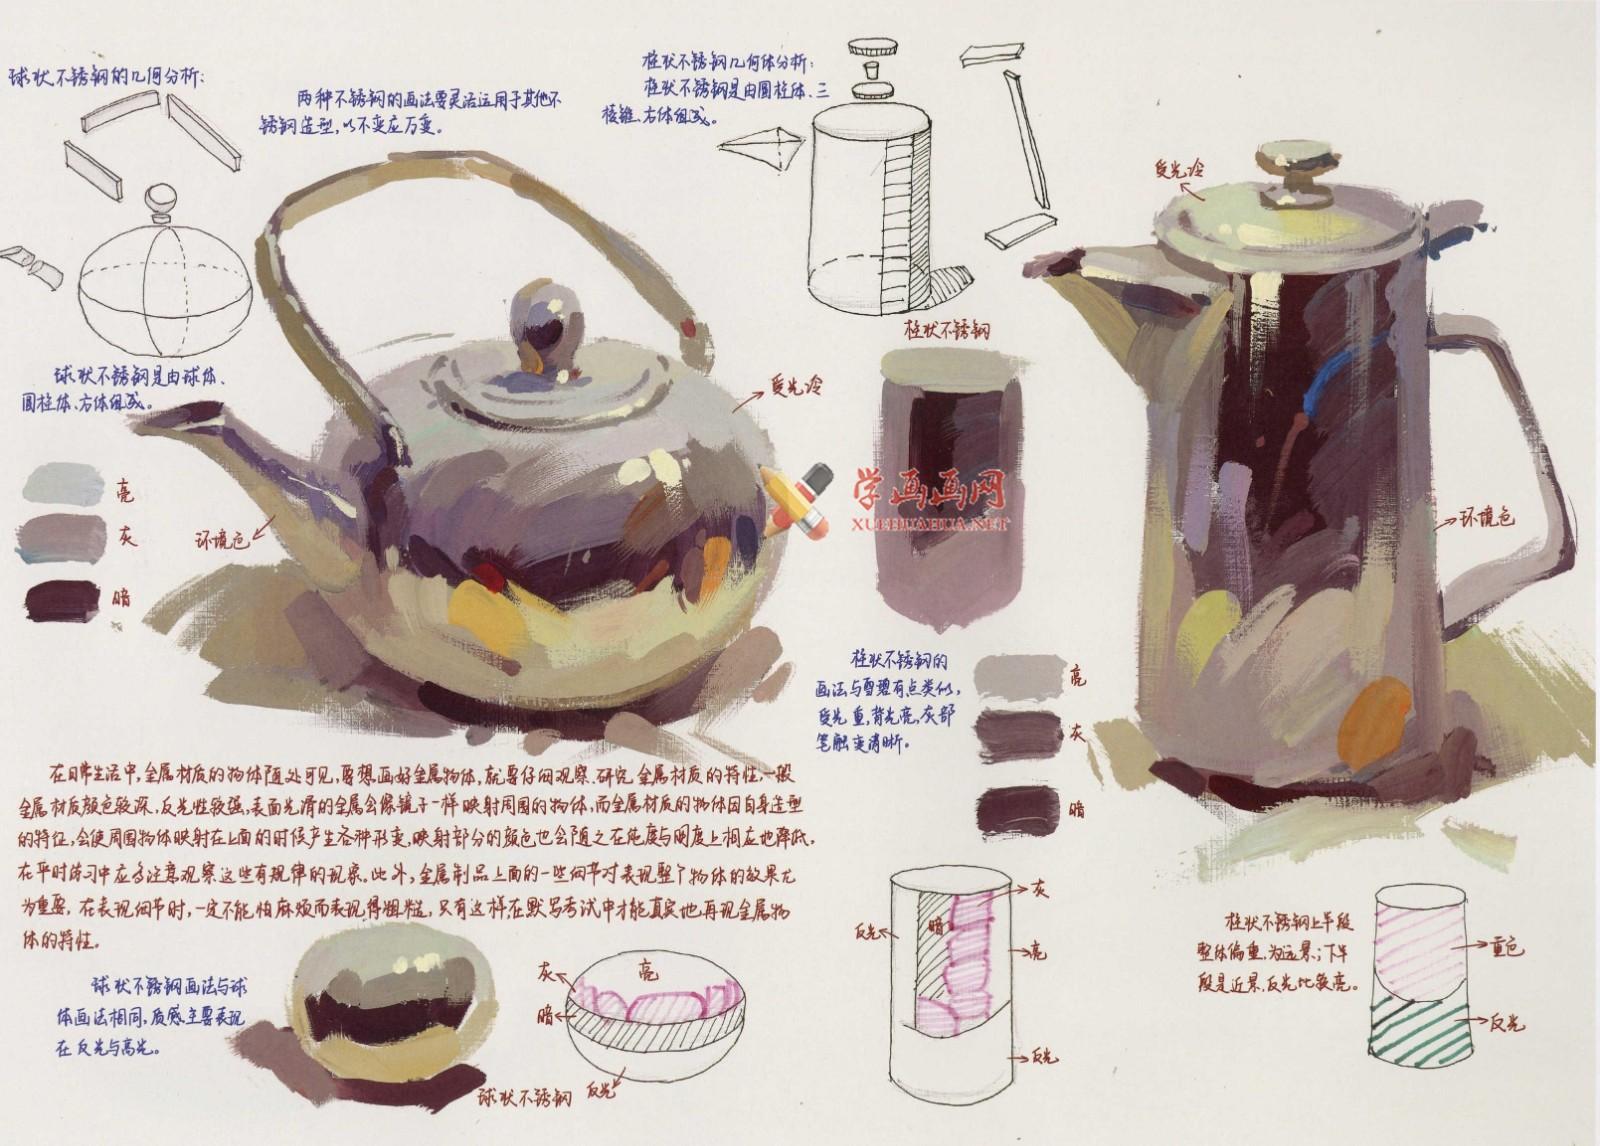 水粉画不锈钢物体的画法要点_水粉画不锈钢物体范画临摹素材(1)